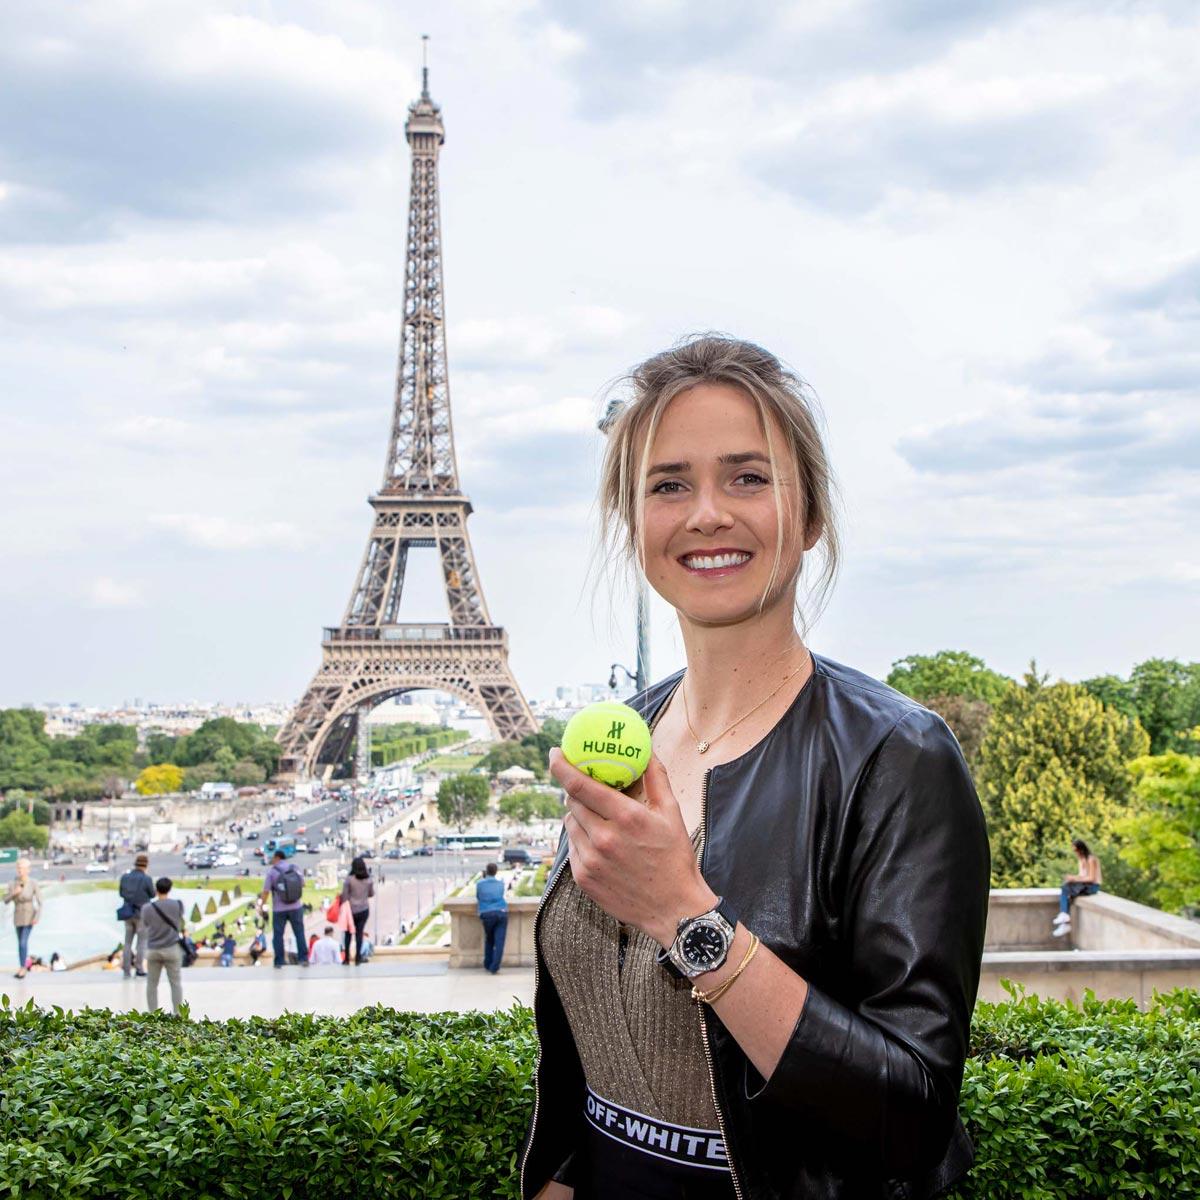 La Cote des Montres : Photo - Jeu, set et match Hublot !